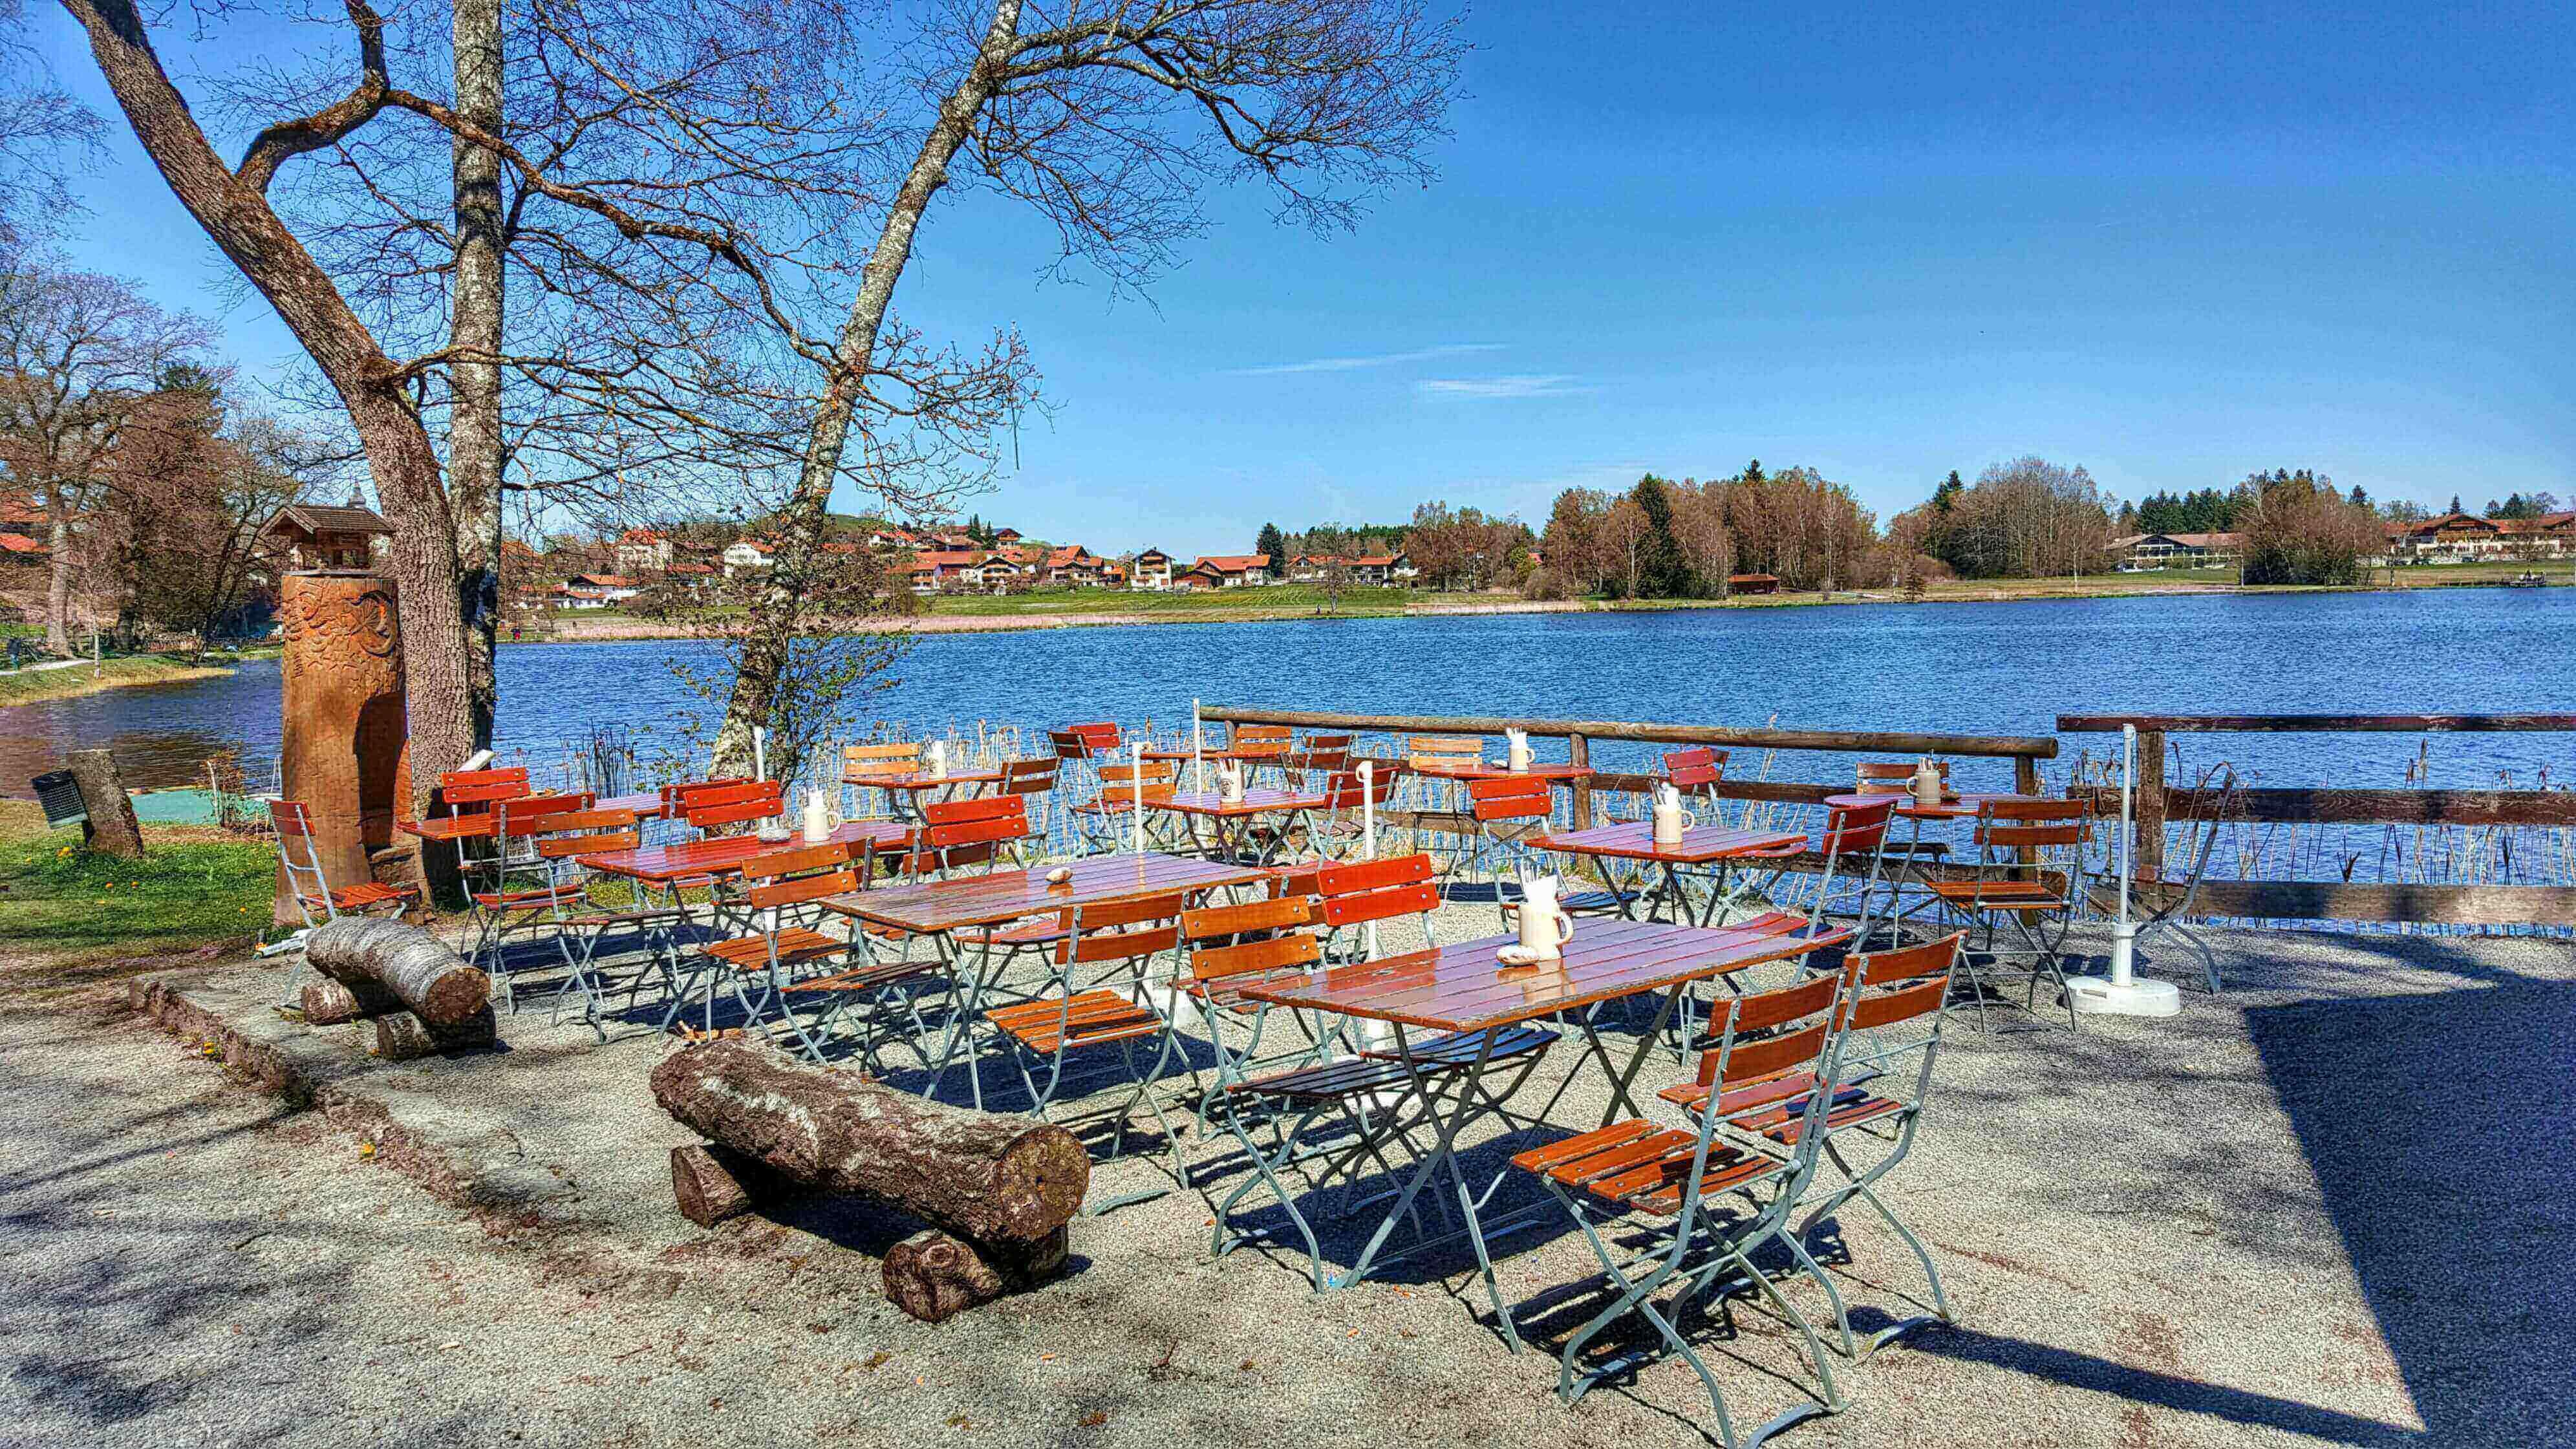 Idyllische Wanderung Mit Kinderwagen Um Den Soier See